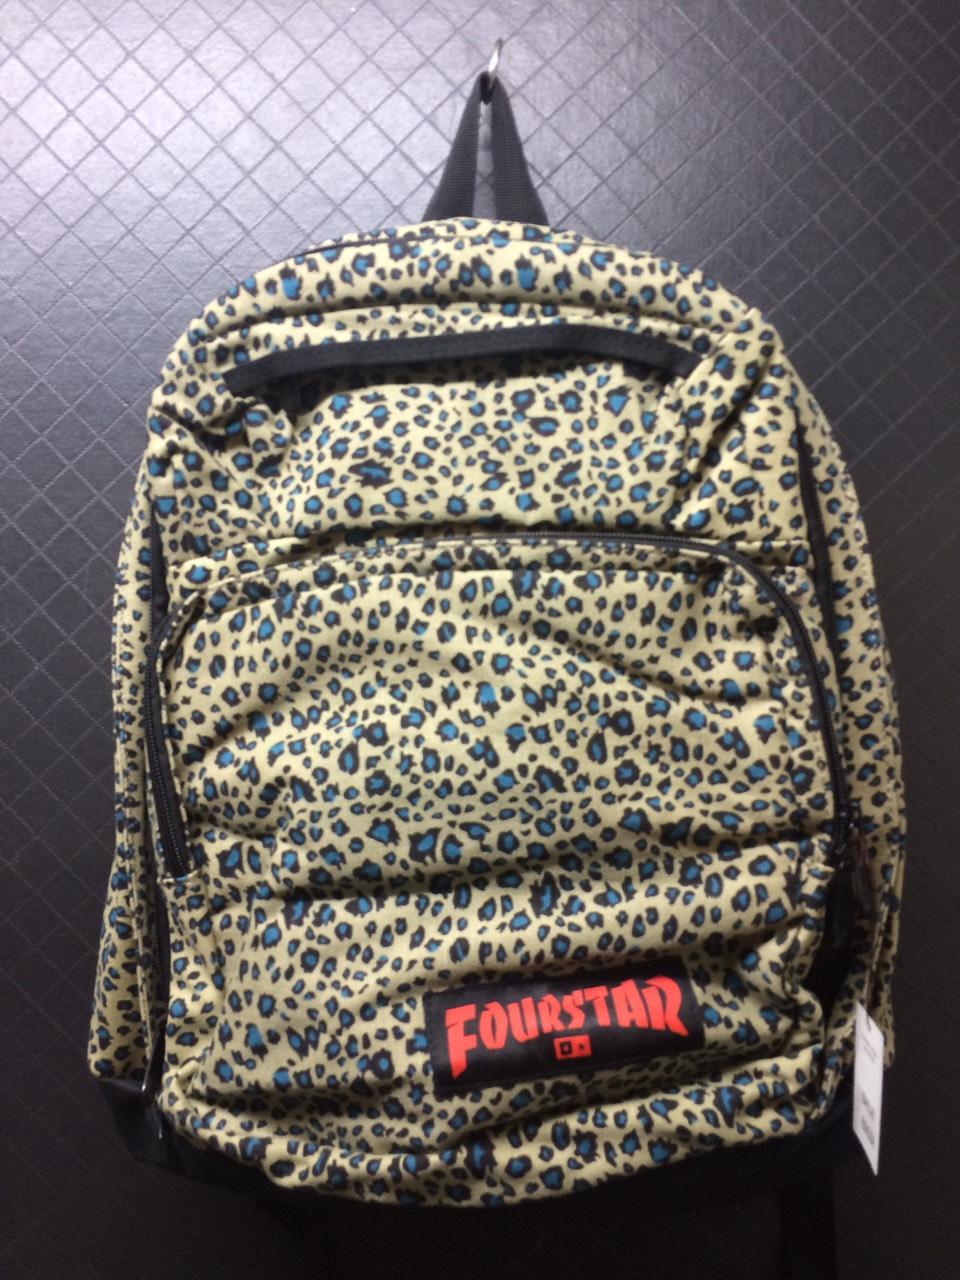 fourstar_bag01